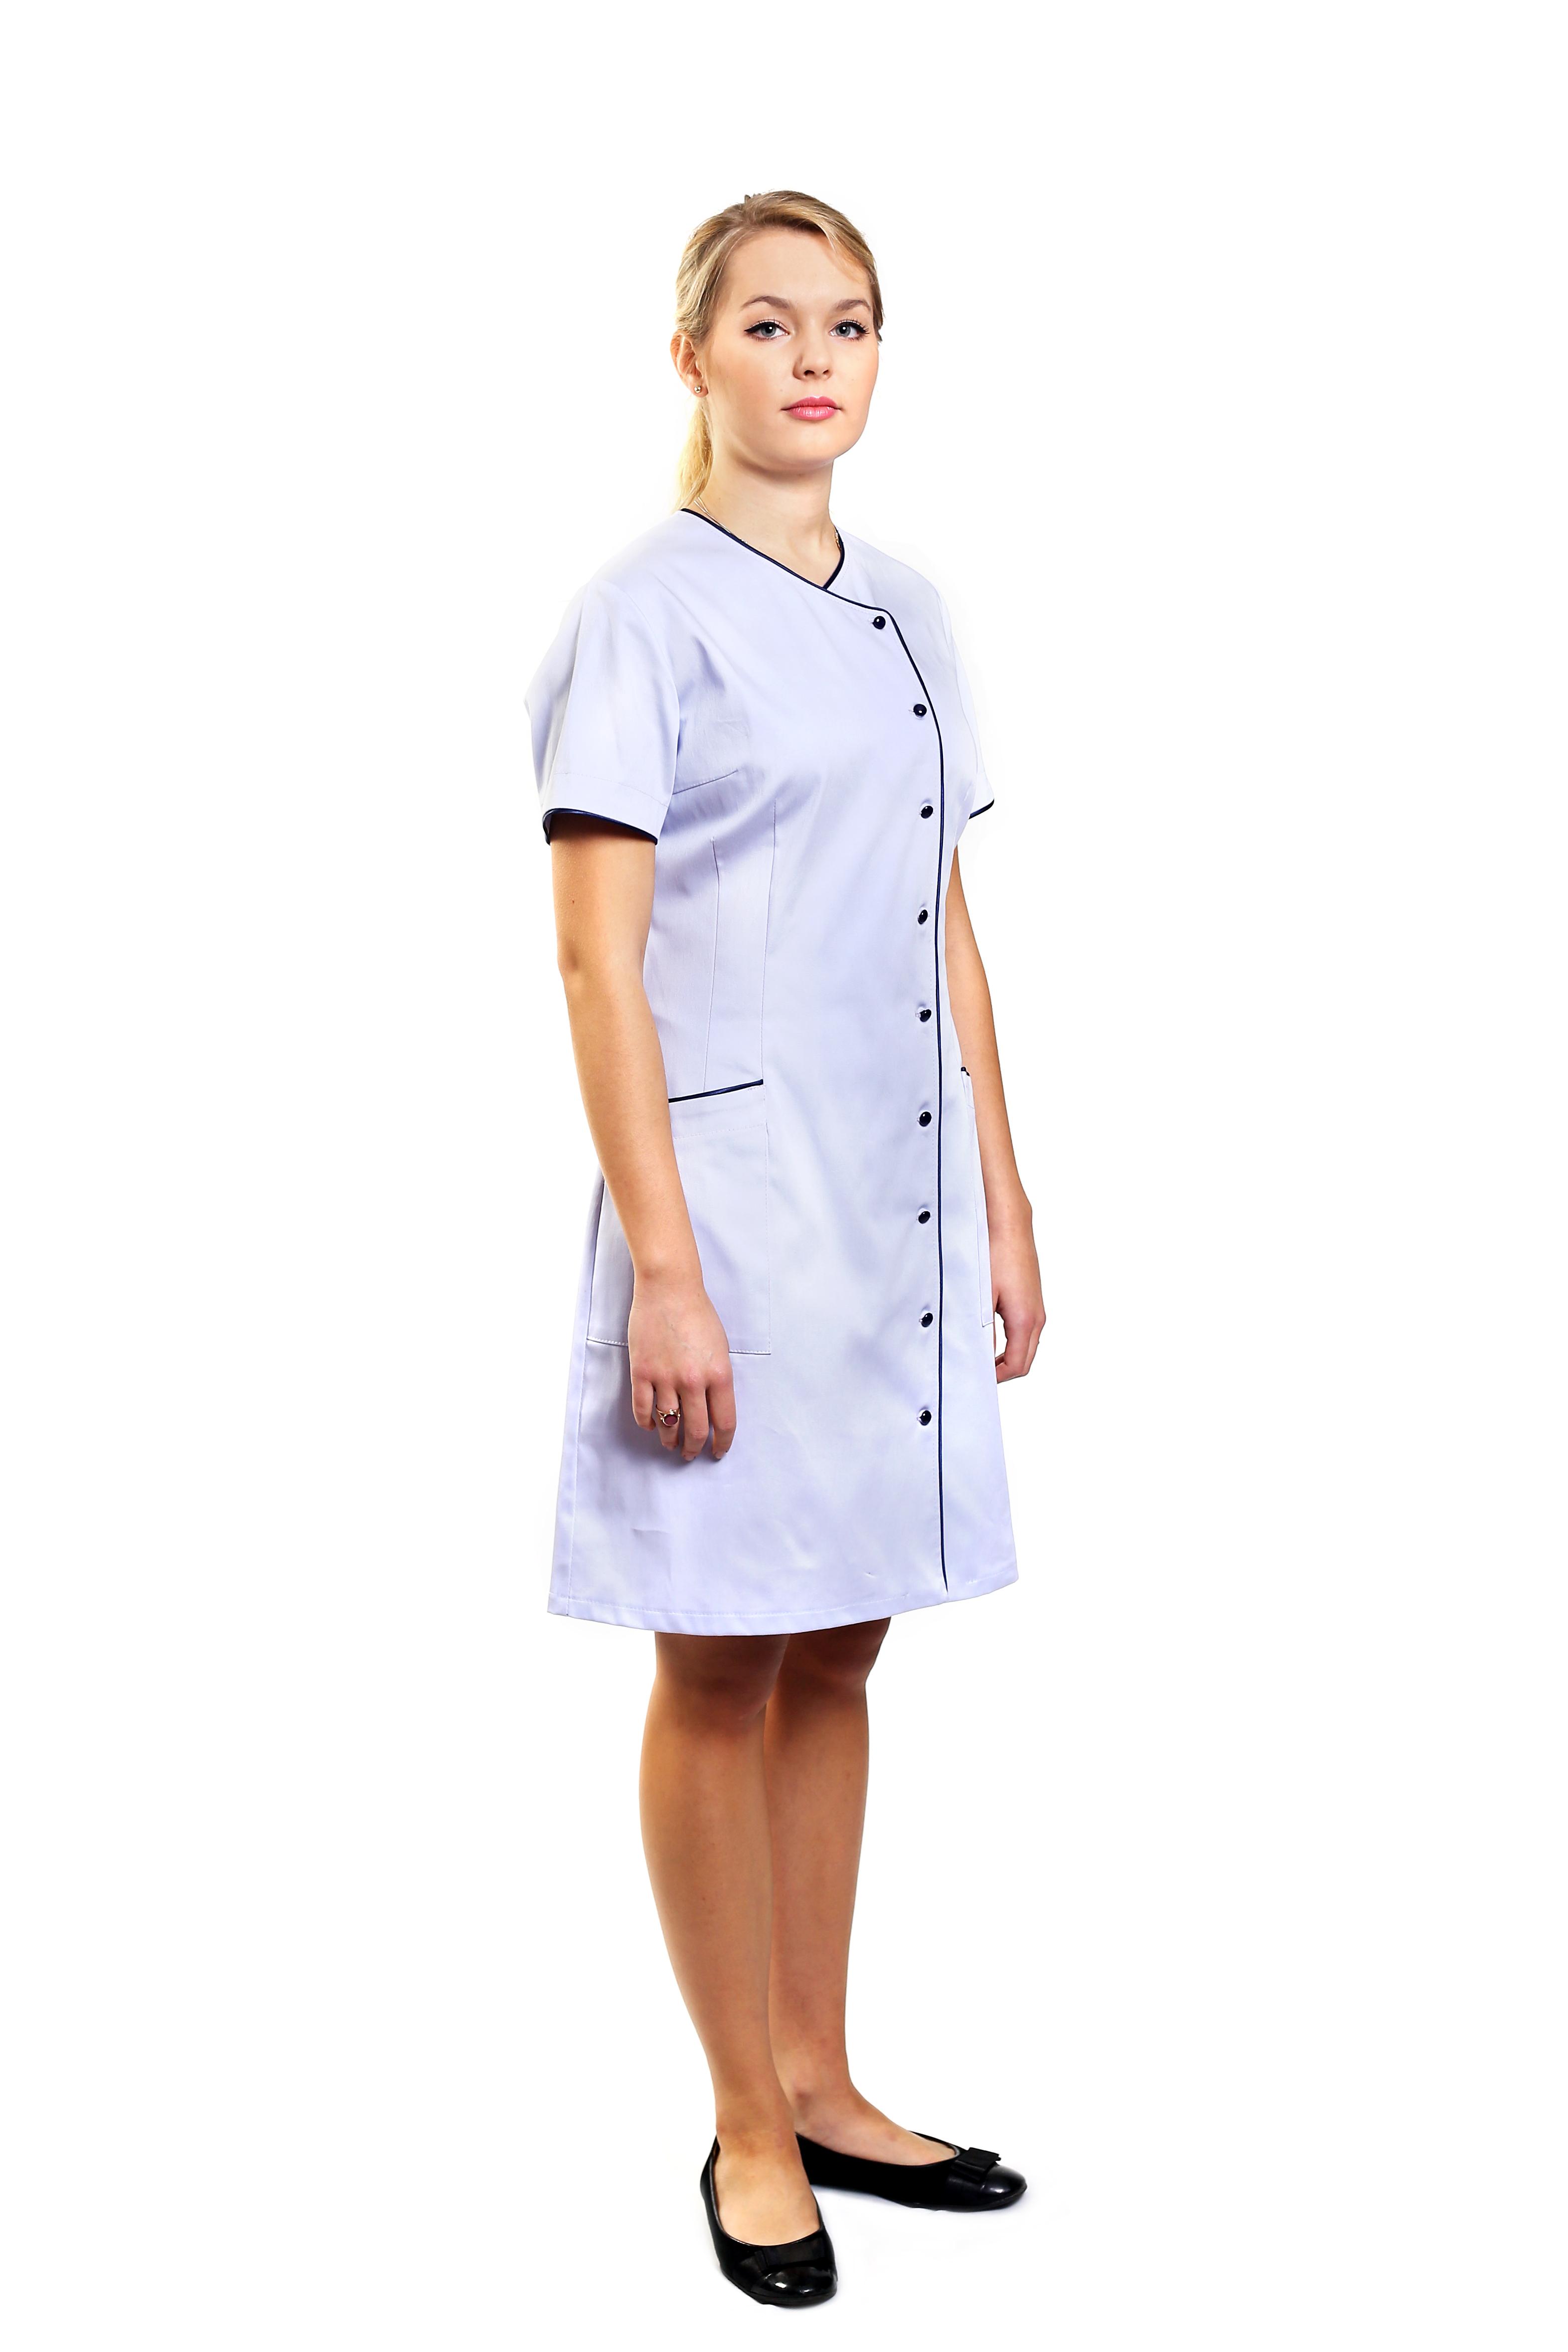 odziez-hotelowa-ubranie-robocze-sprzatanie-pokojowki-sukienka-fartuch